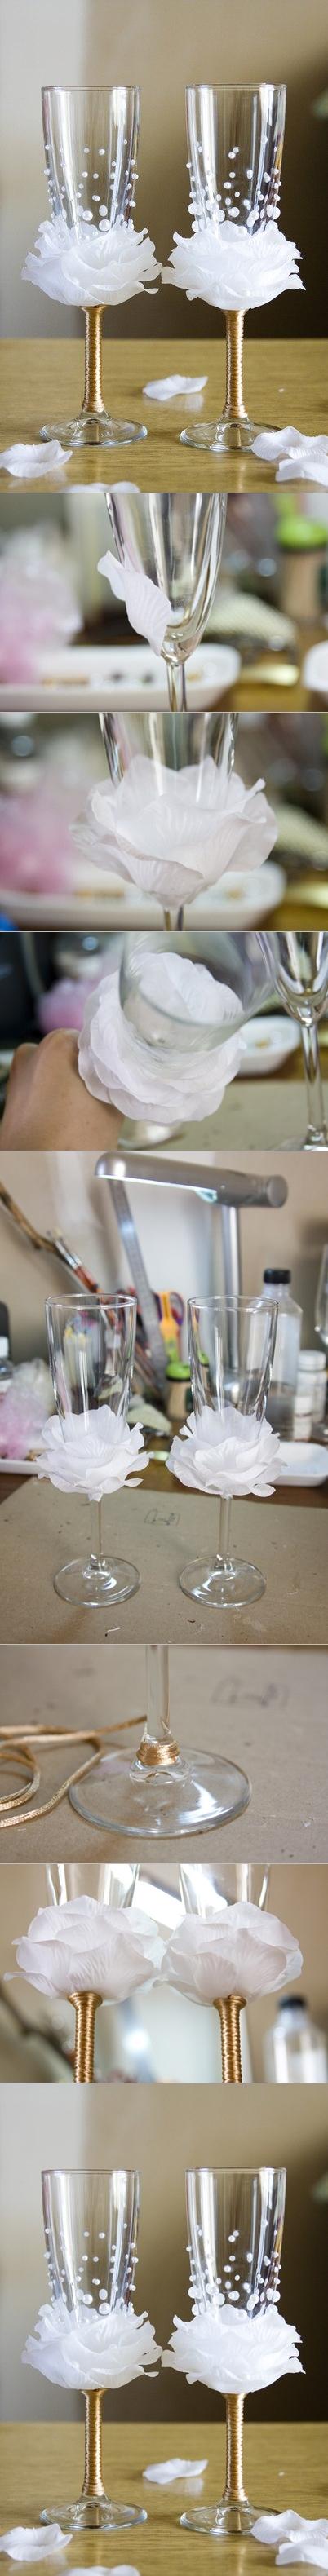 Diy Decorated Wedding Champagne Glasses Les Baux De Provence